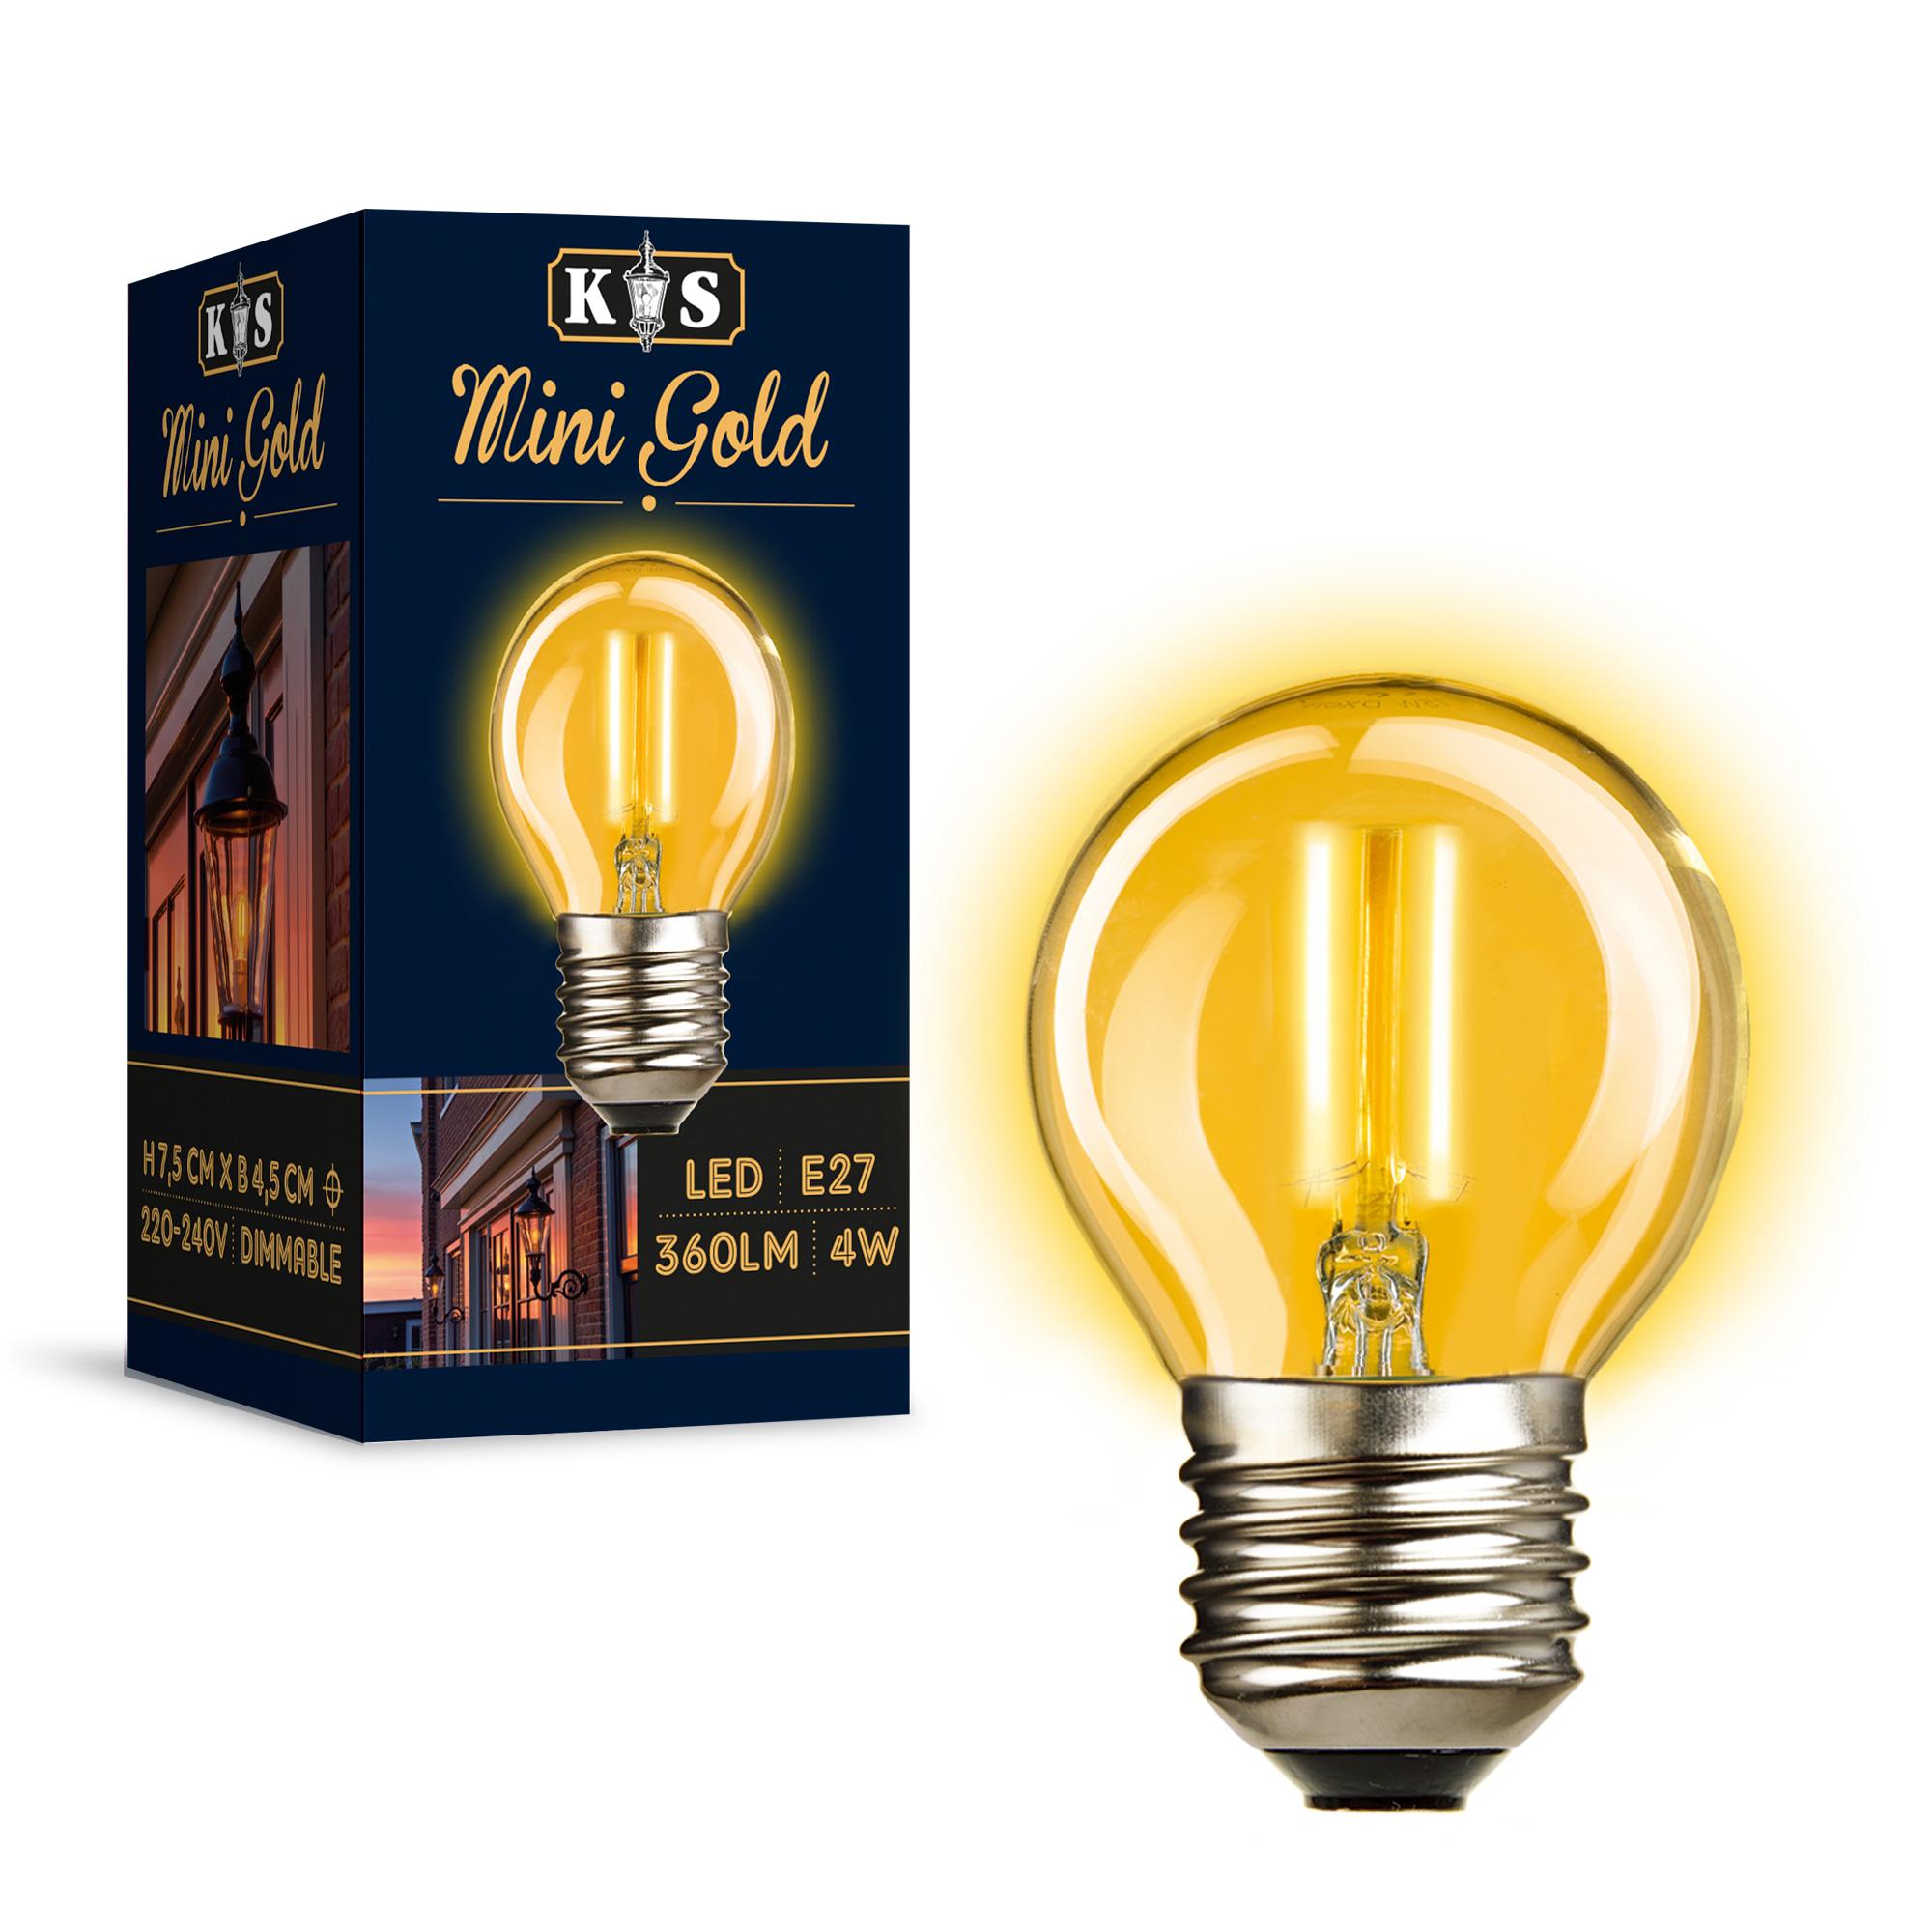 Mini Gold LED